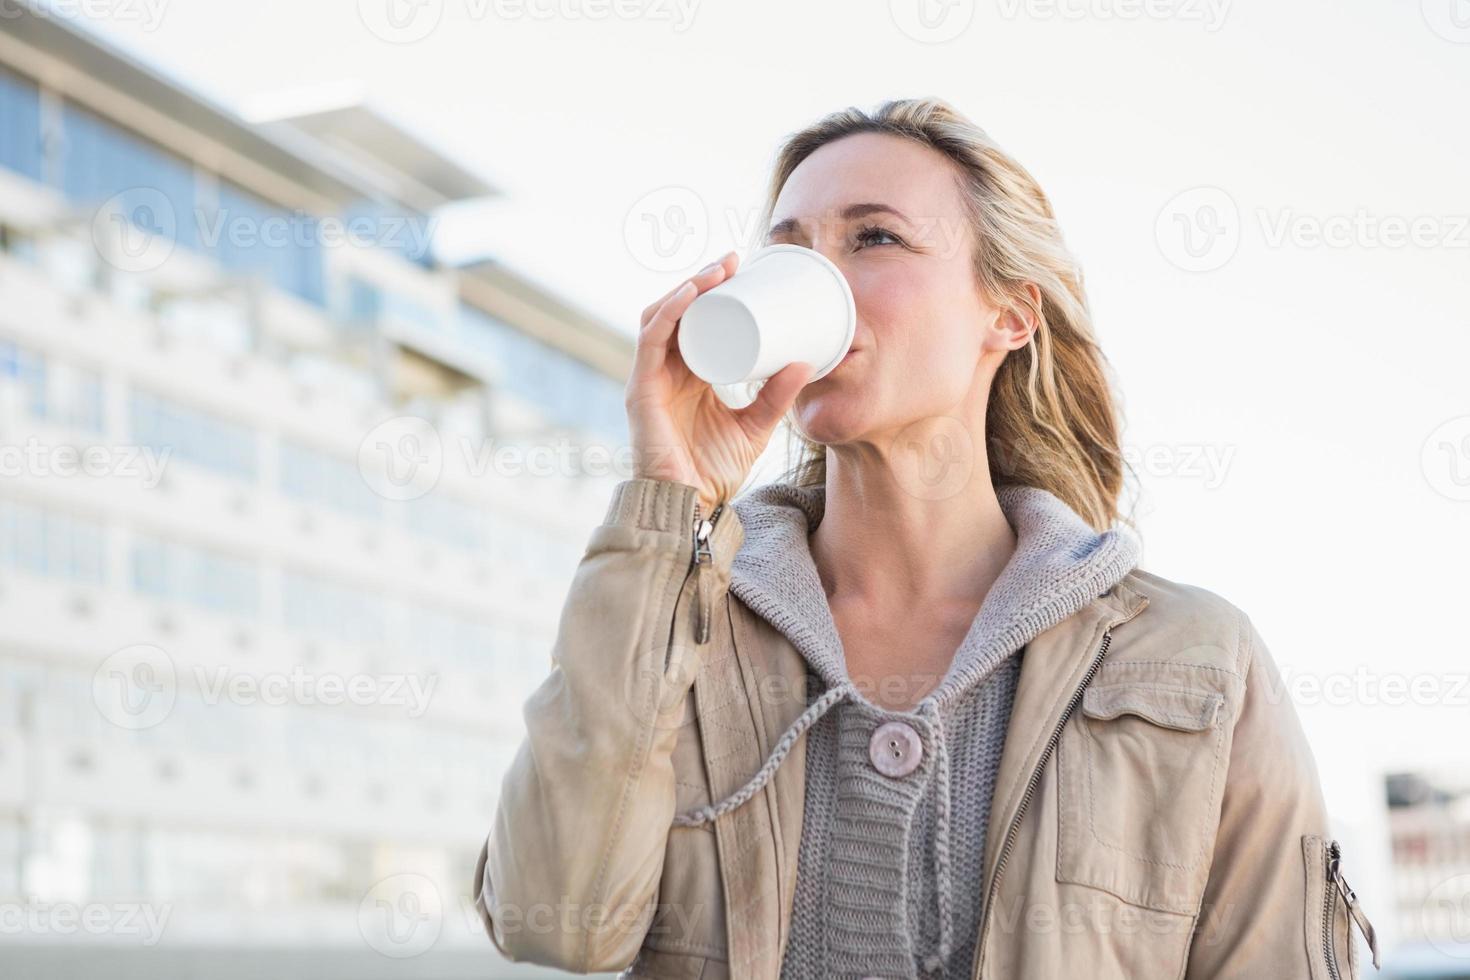 schöne Blondine trinken Einwegbecher foto